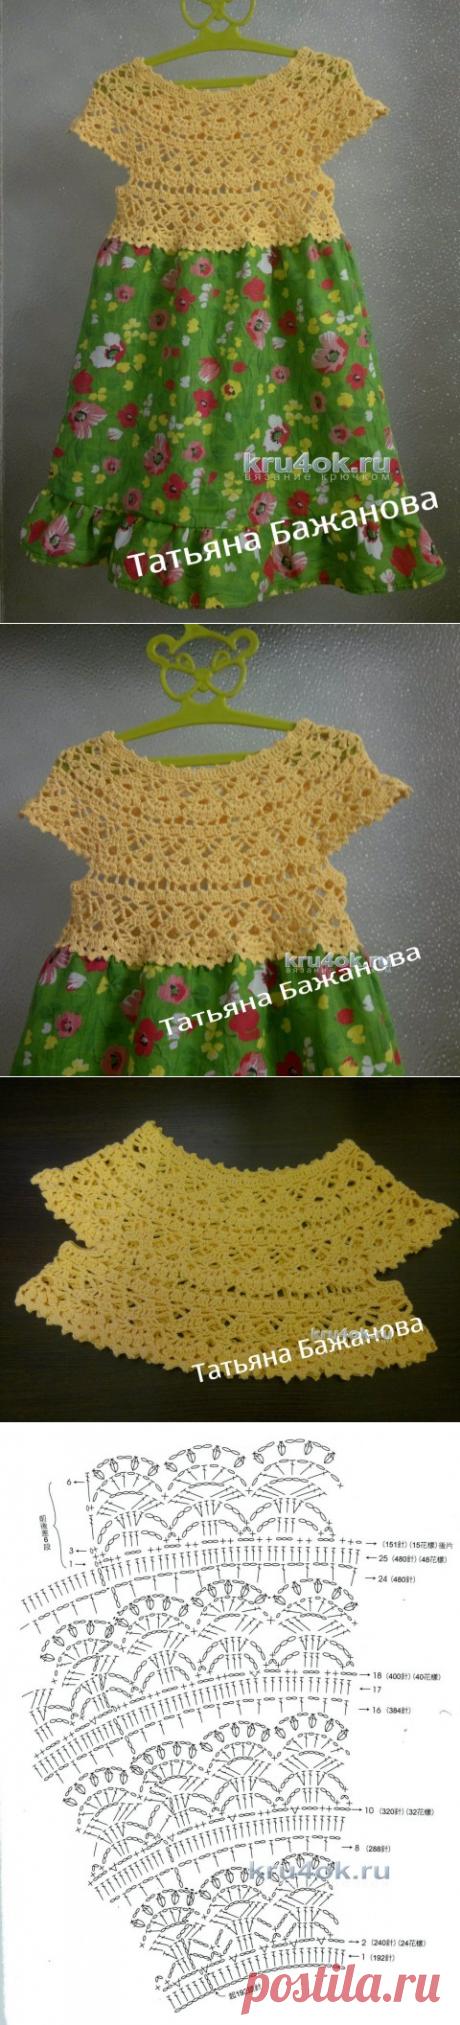 Платье для девочки. Работа Татьяны Бажановой - вязание крючком на kru4ok.ru